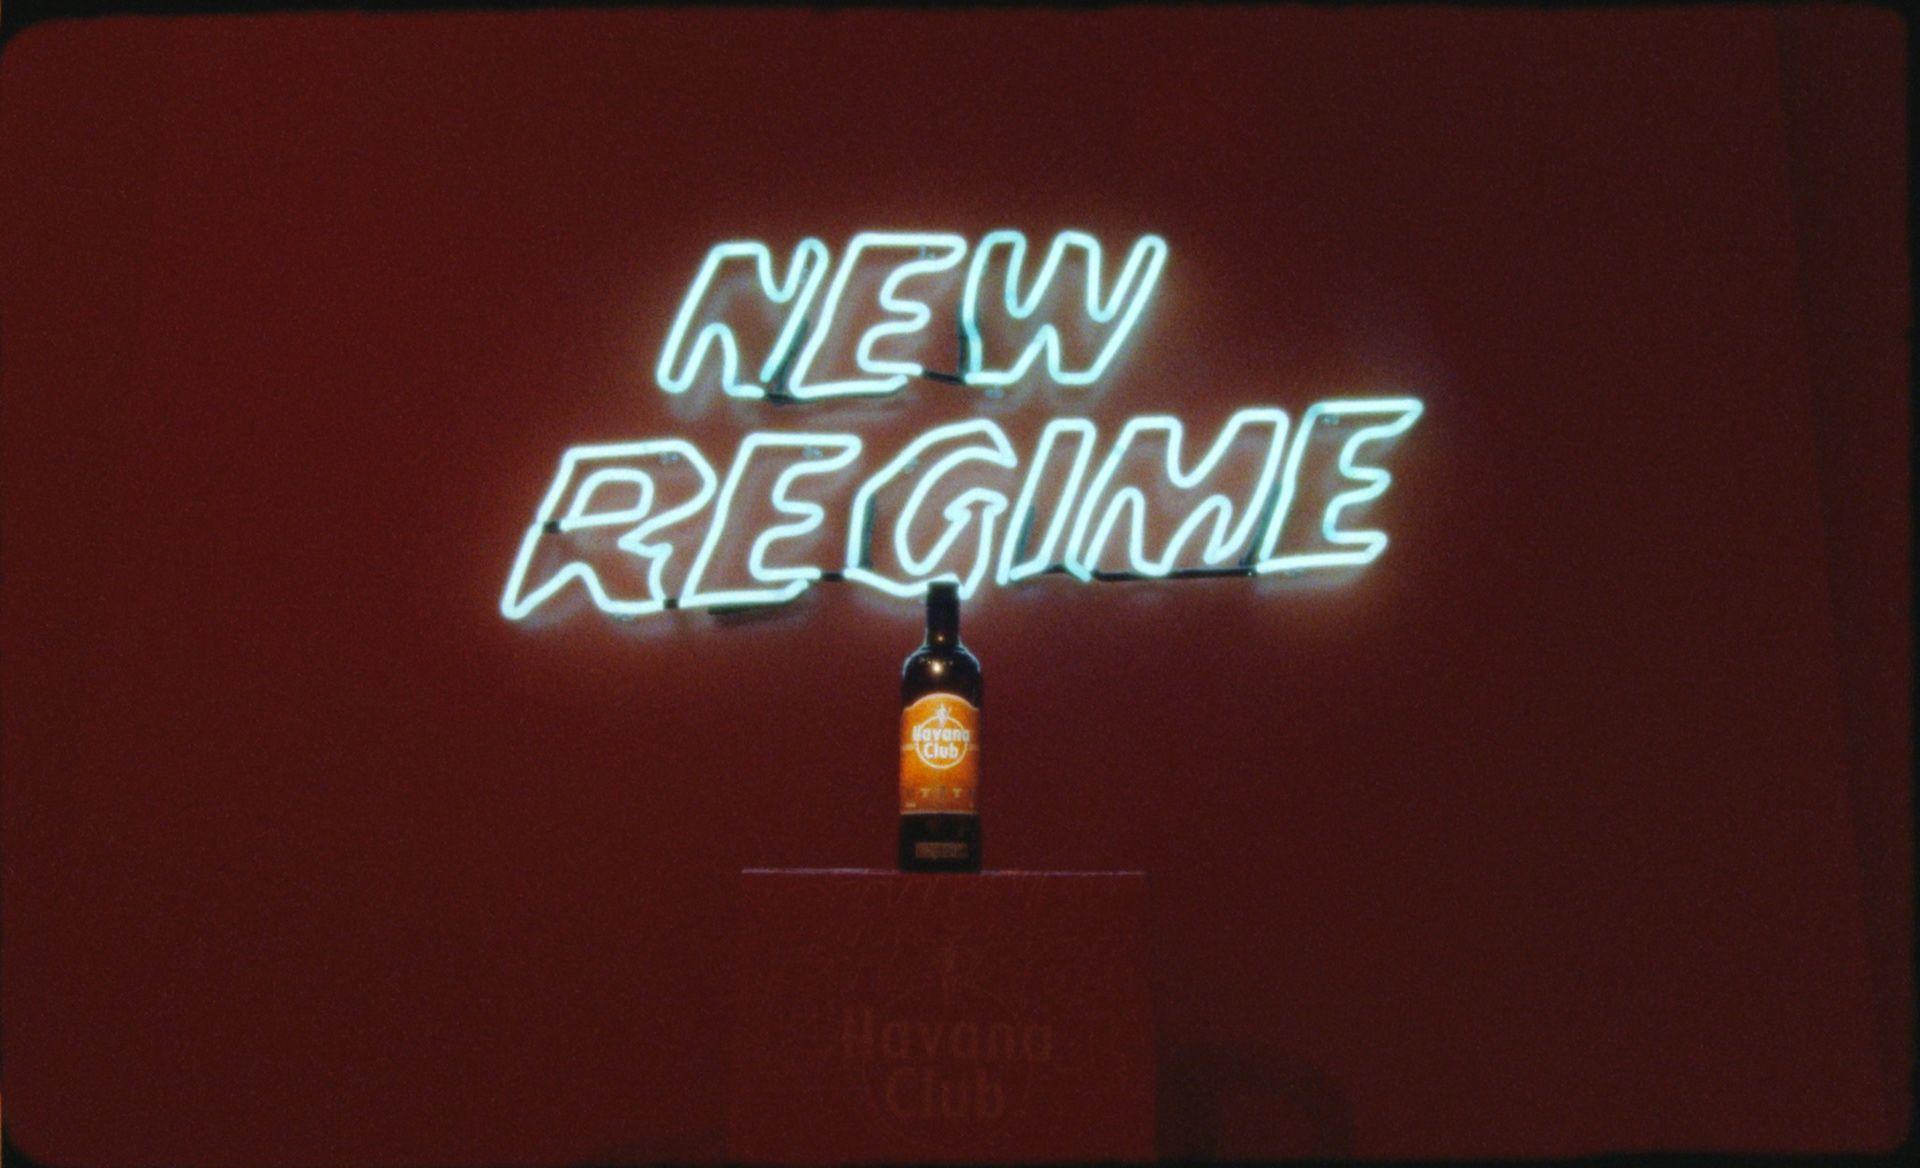 Bouteille d'édition spéciale Havana Club sur un piédestal avec le logo de l'Atelier New Regime en arrière-plan sur un mur rouge foncé.